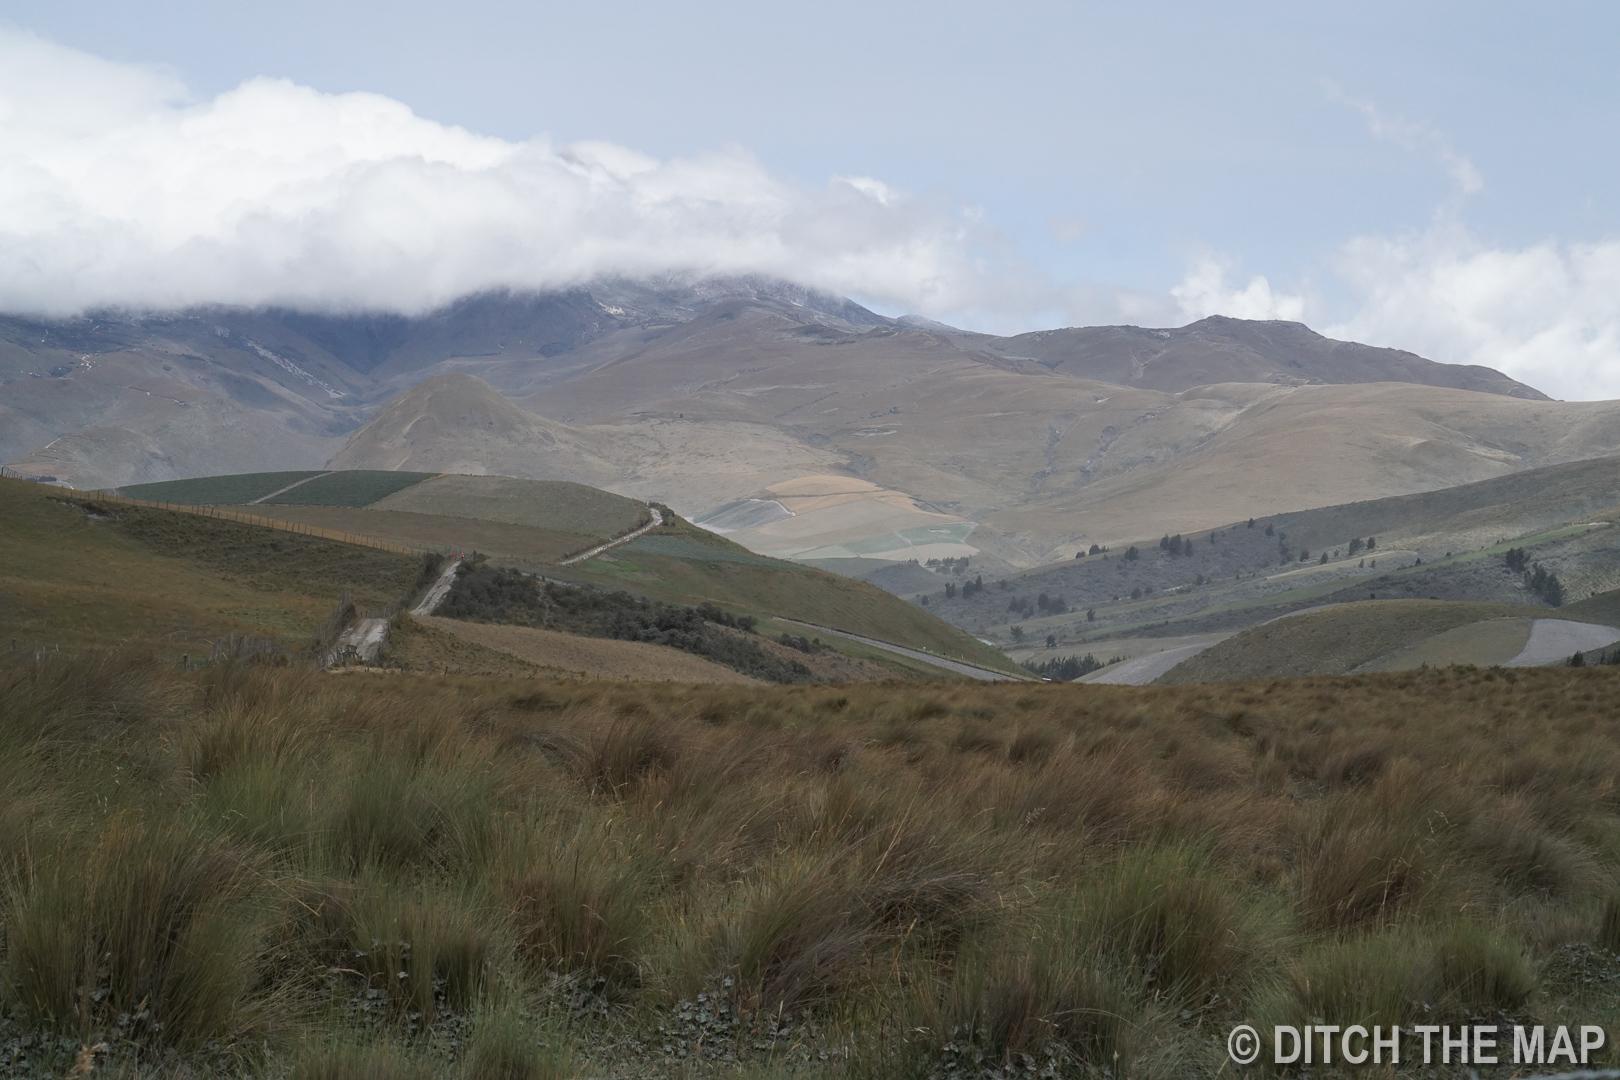 A view of our mountain biking path in Cotopaxi, Ecuador